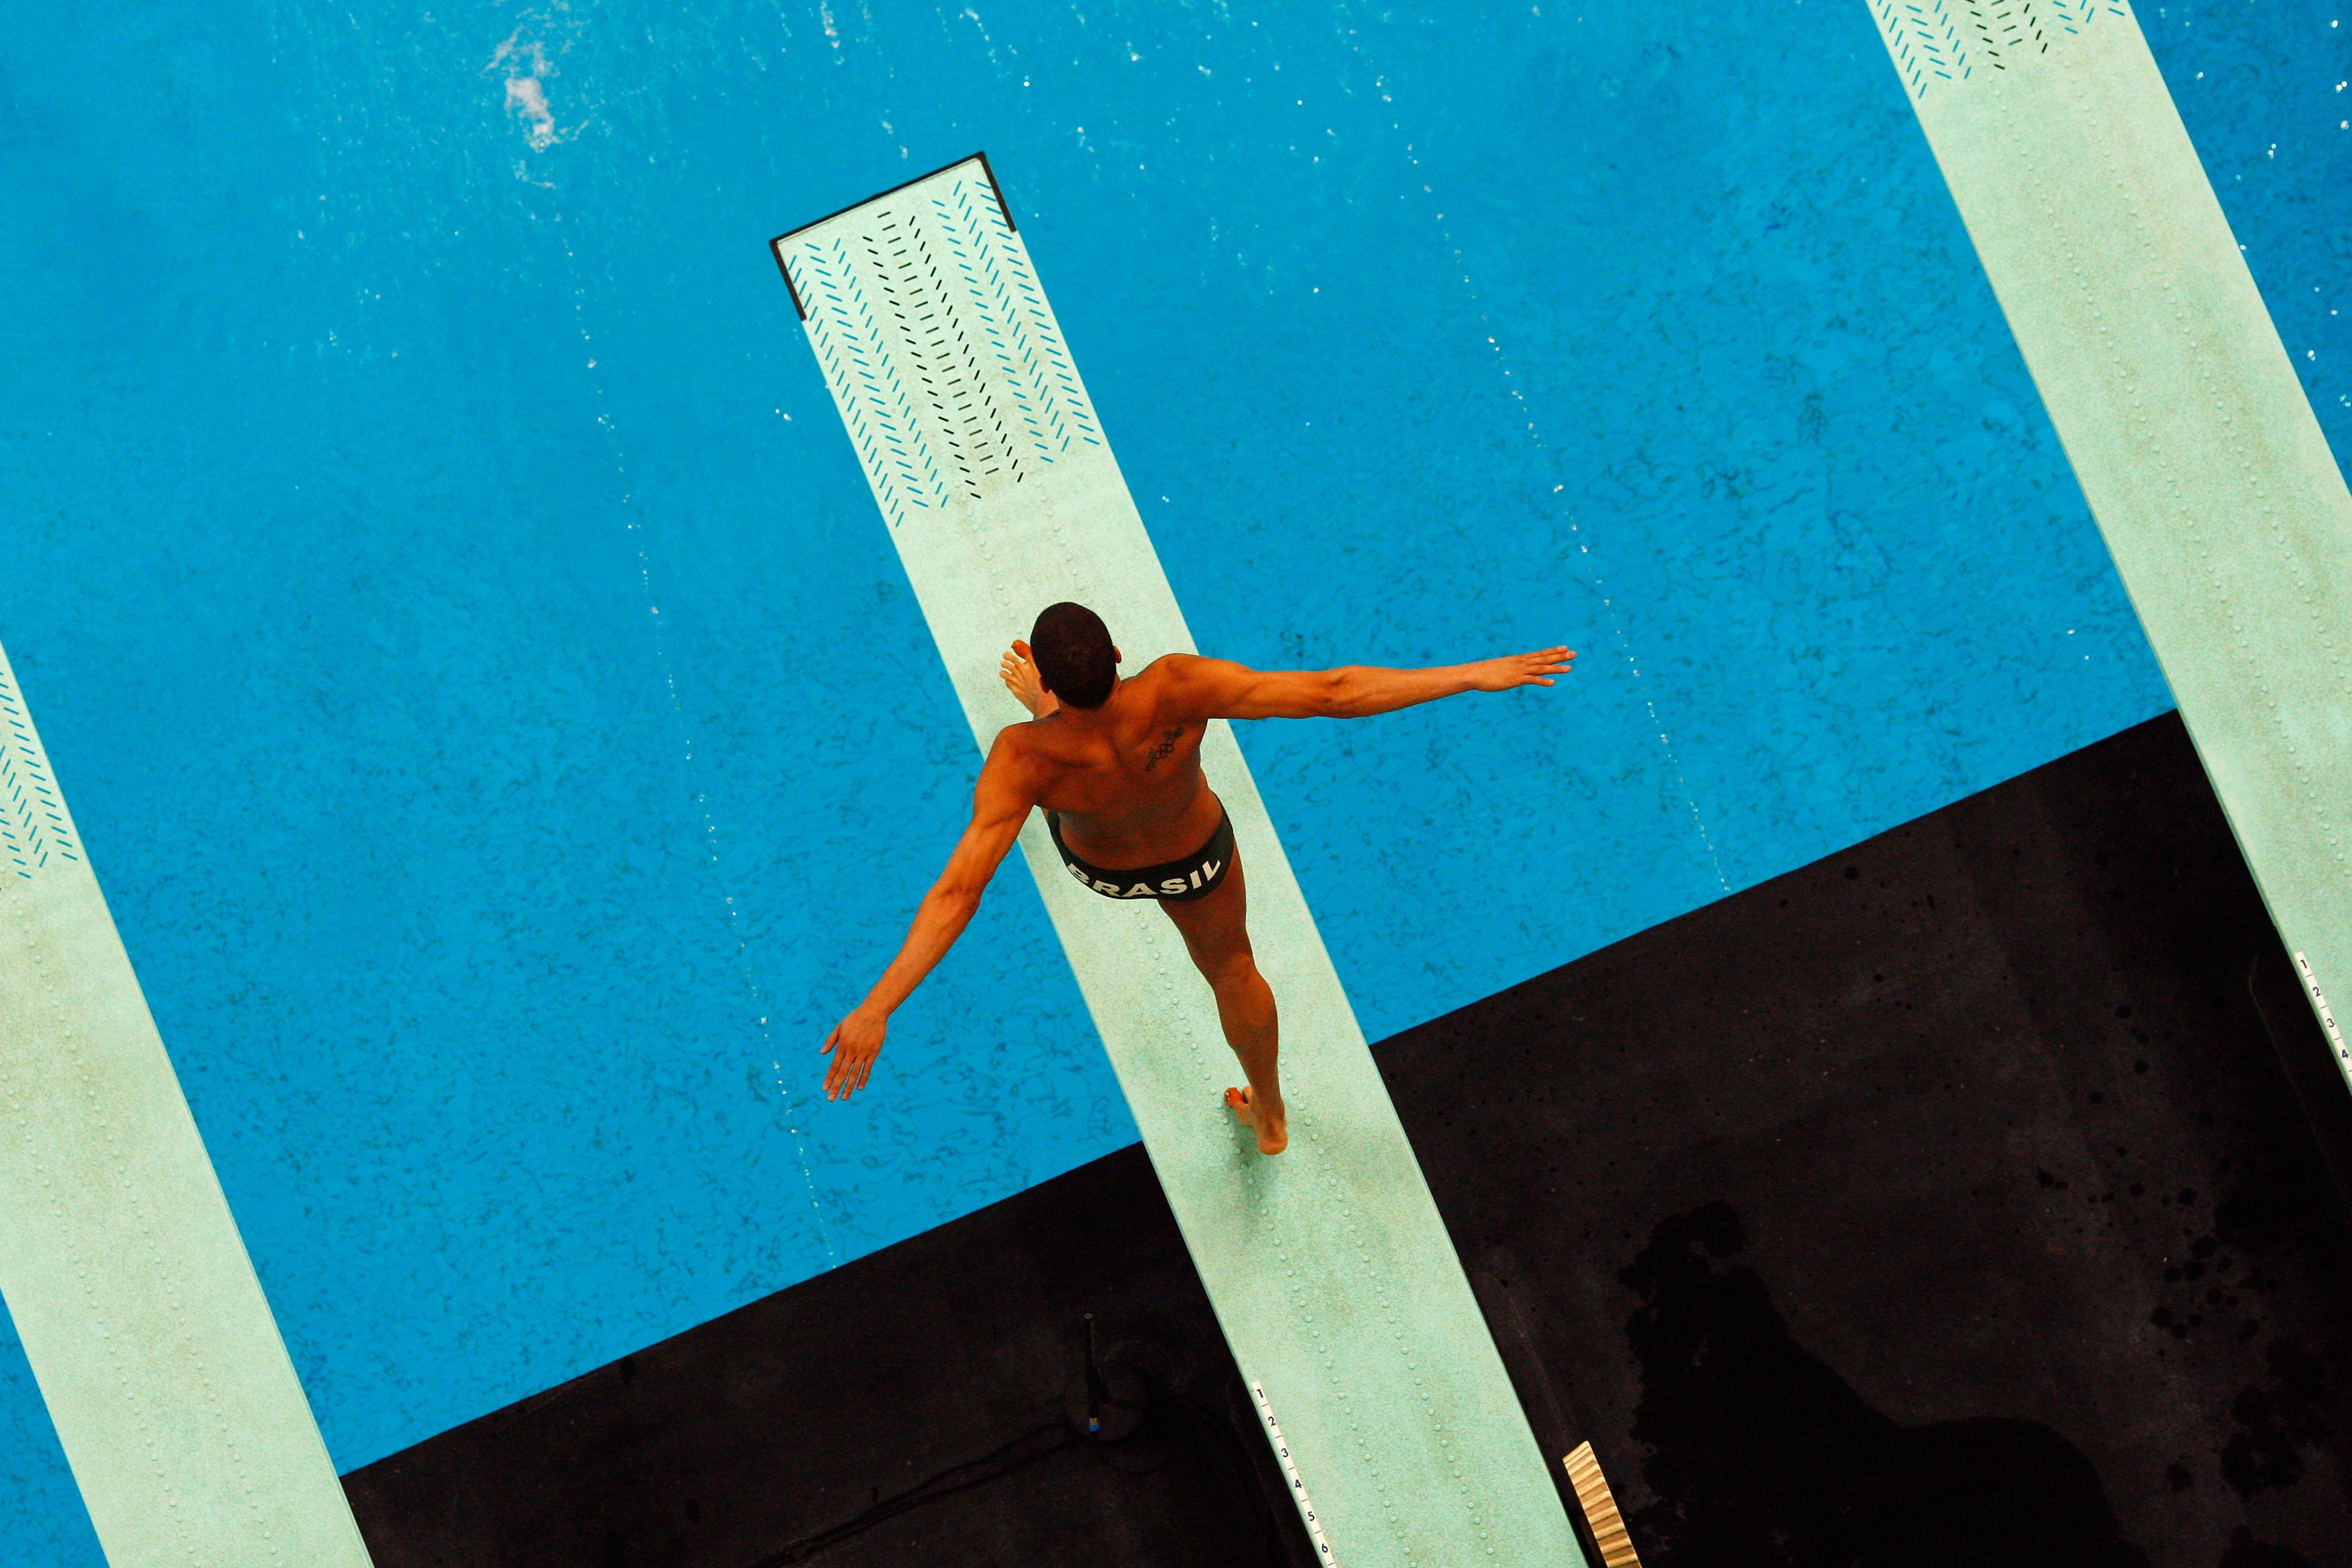 Un athlète brésilien s'apprête à plonger